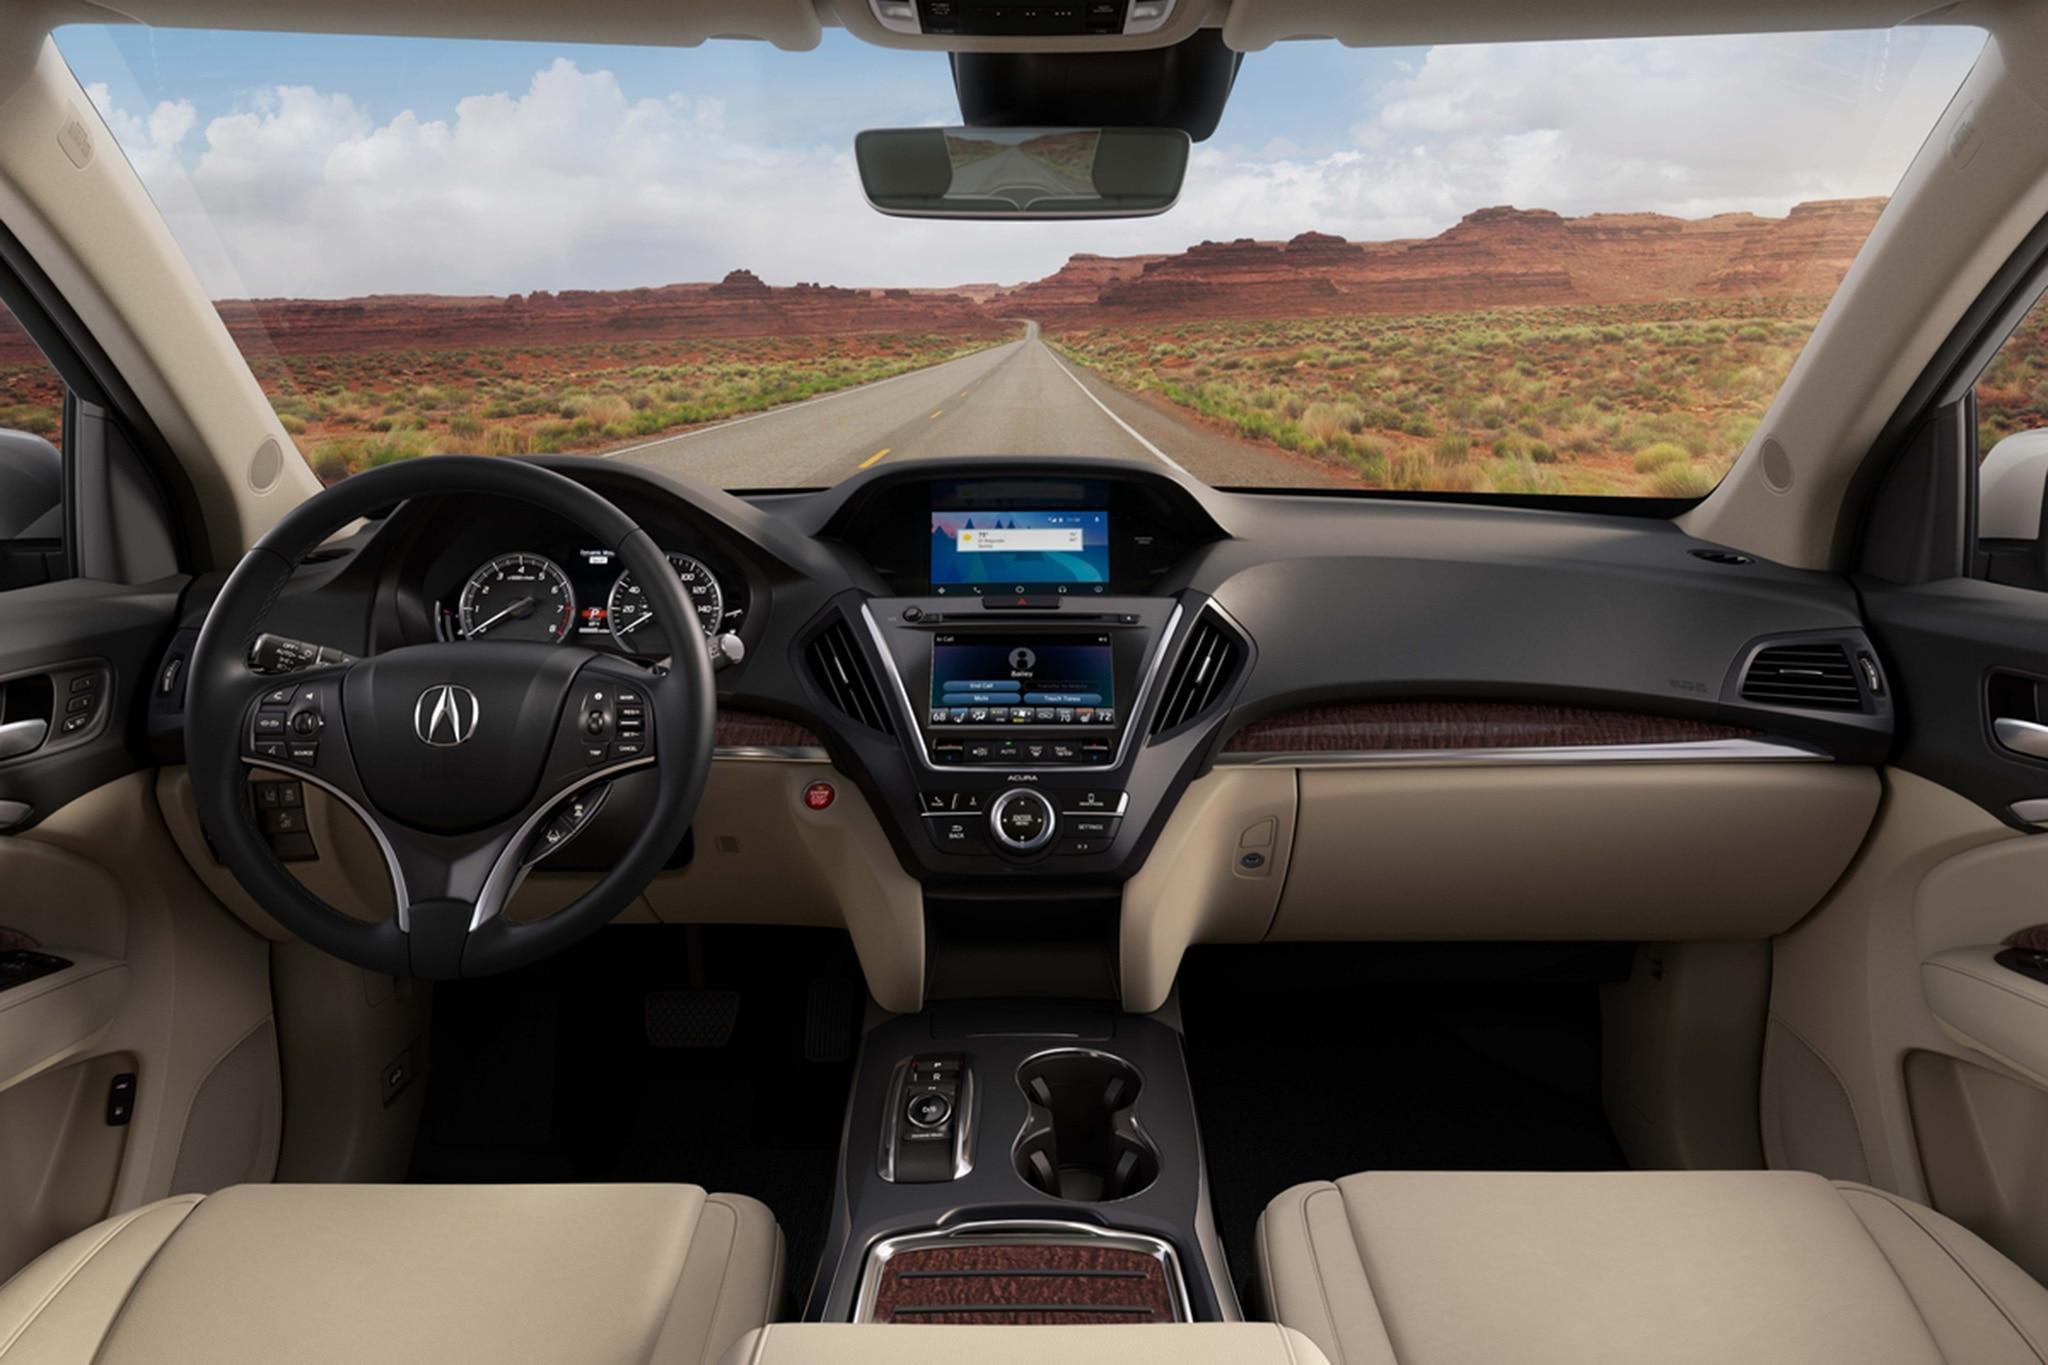 Acura Rdx Vs Honda Crv >> Acura MDX 2018 desde $45,175 dólares - Motor Trend en Español